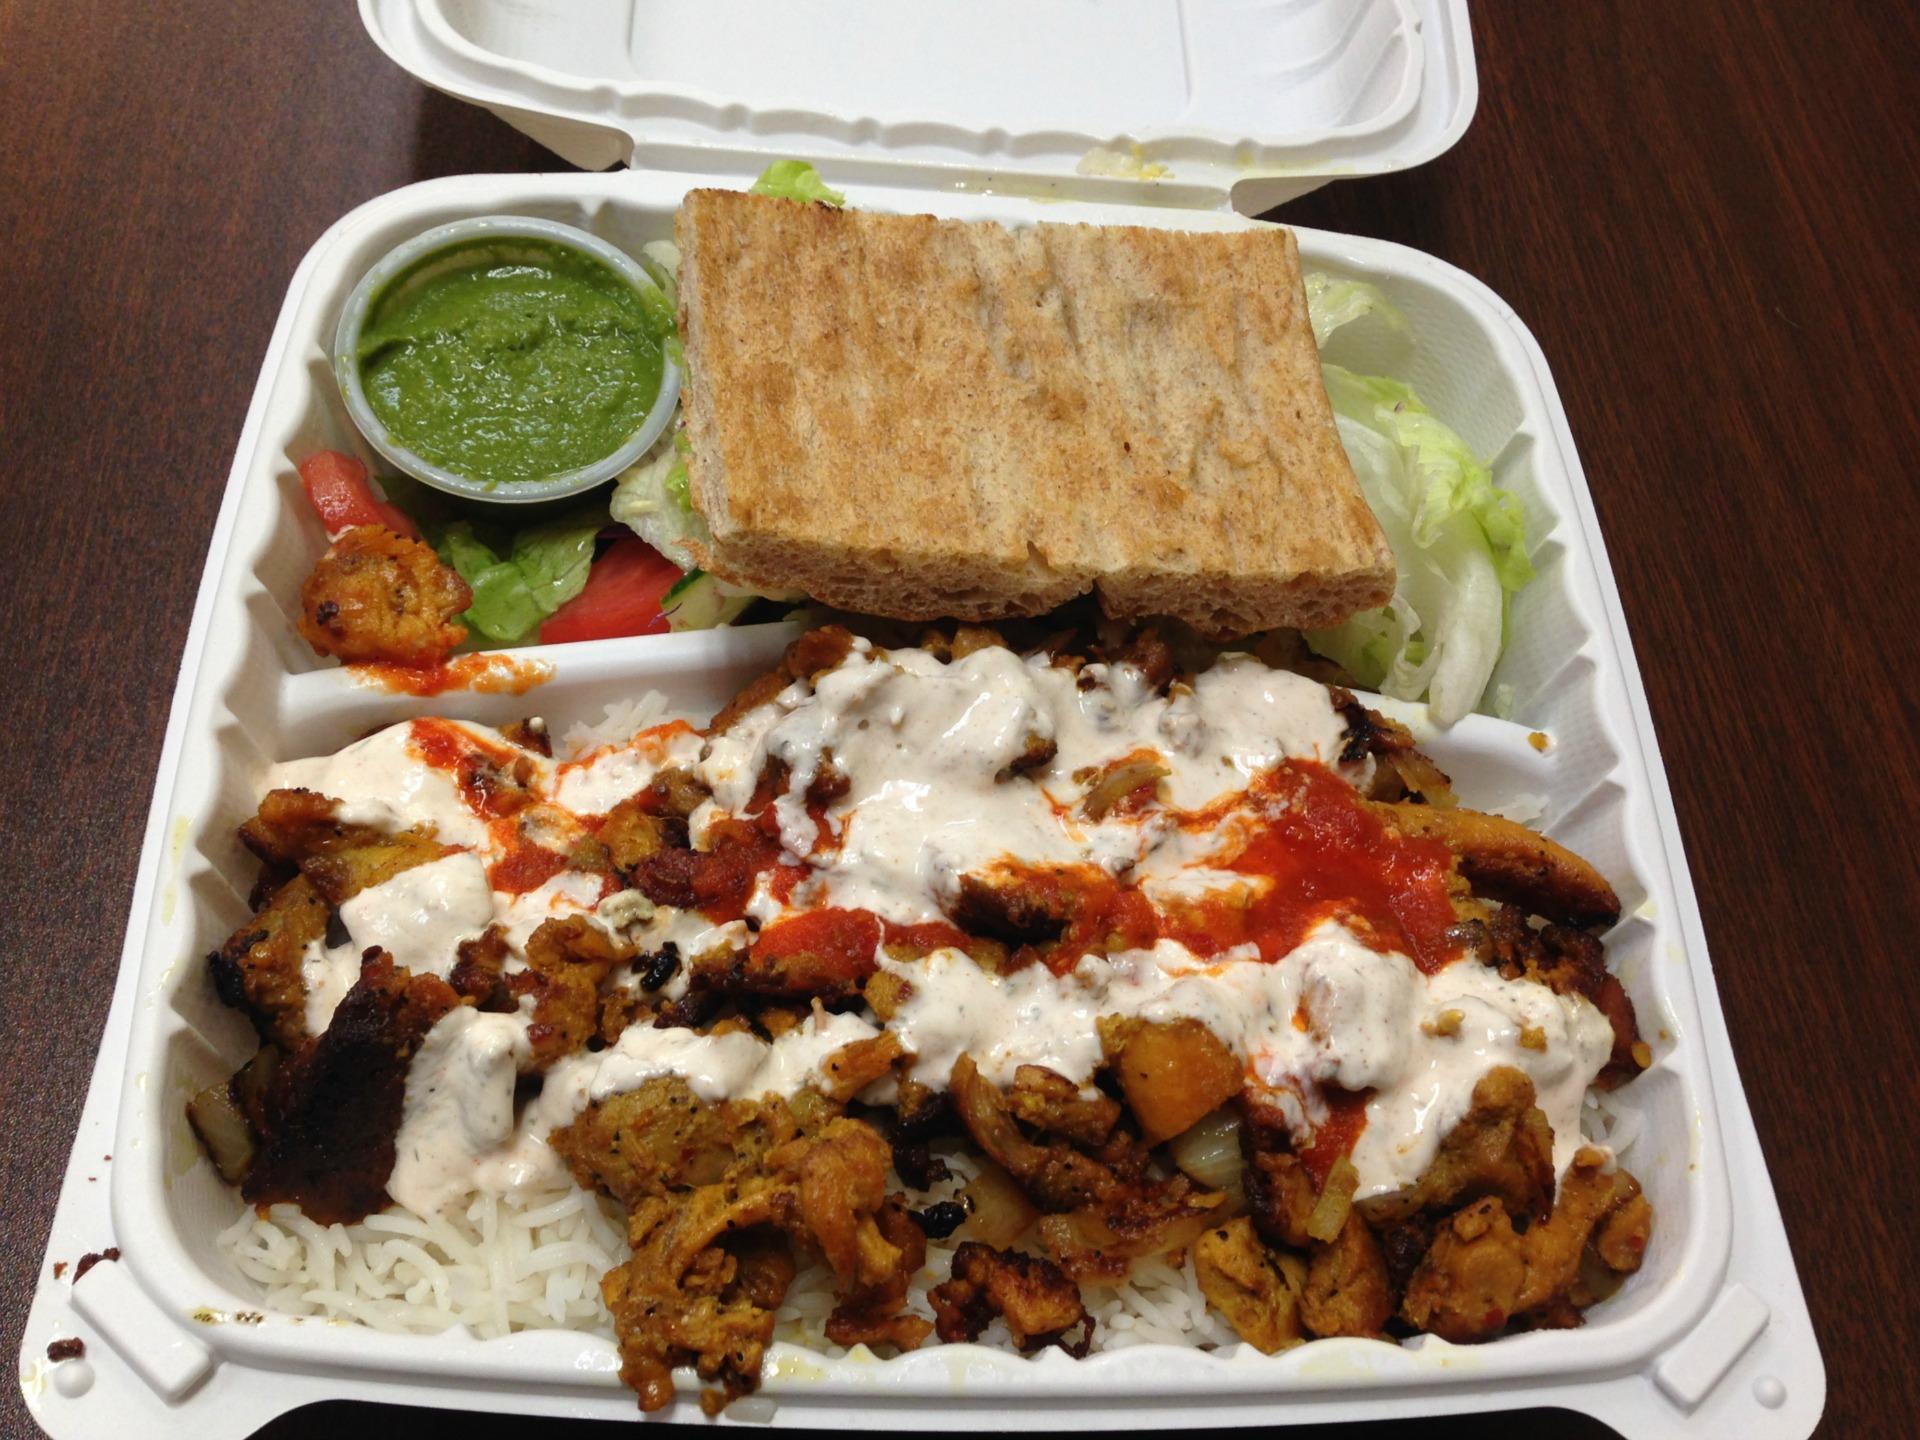 Chicken and rice at Kebab Express.